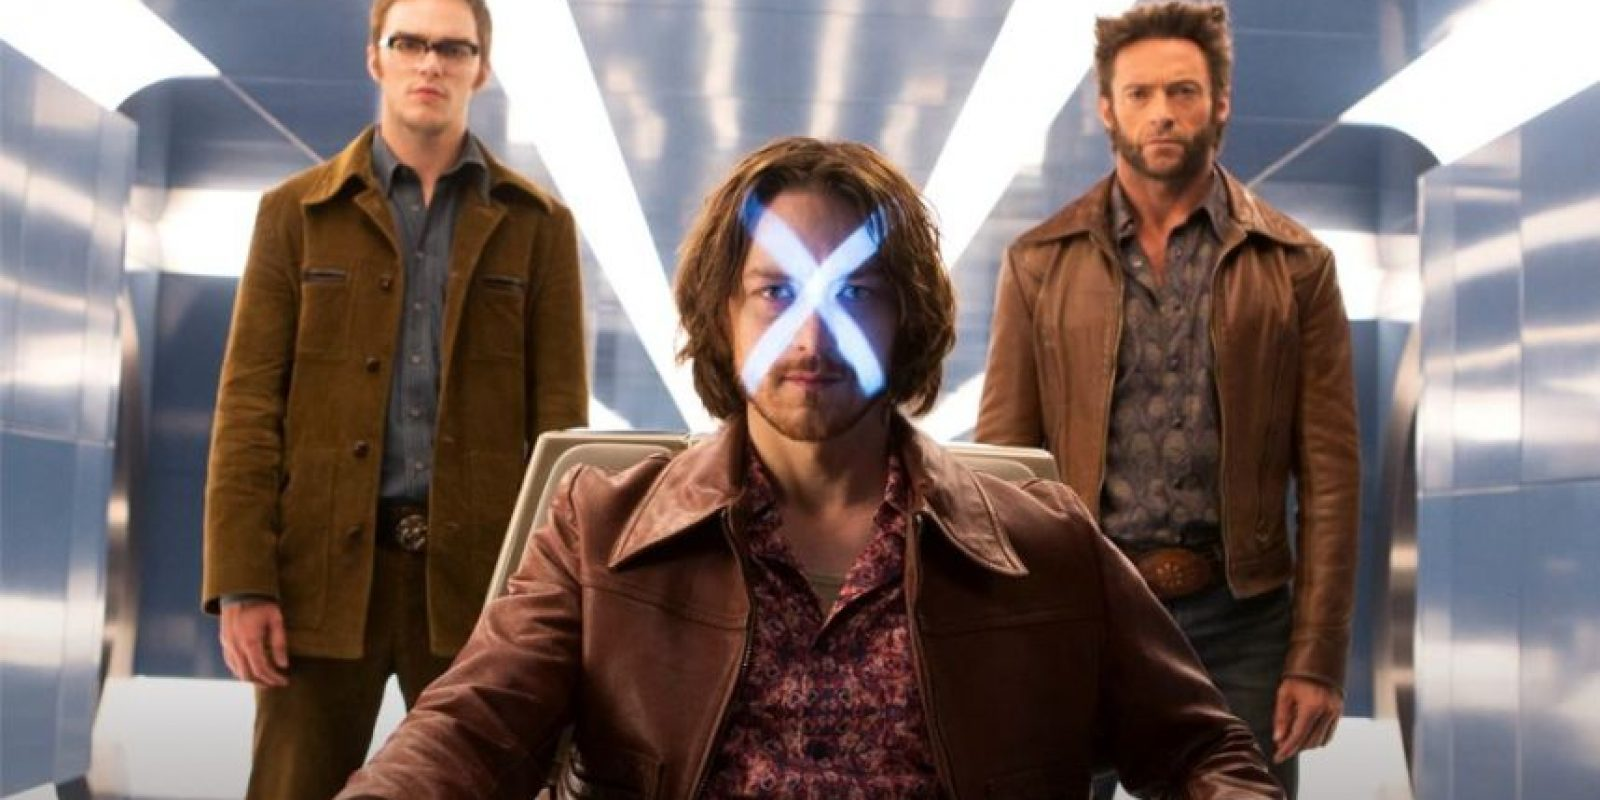 La participación de Hugh Jackman en la secuela aún sigue sigue siendo un misterio. Foto:Facebook/X-Men películas